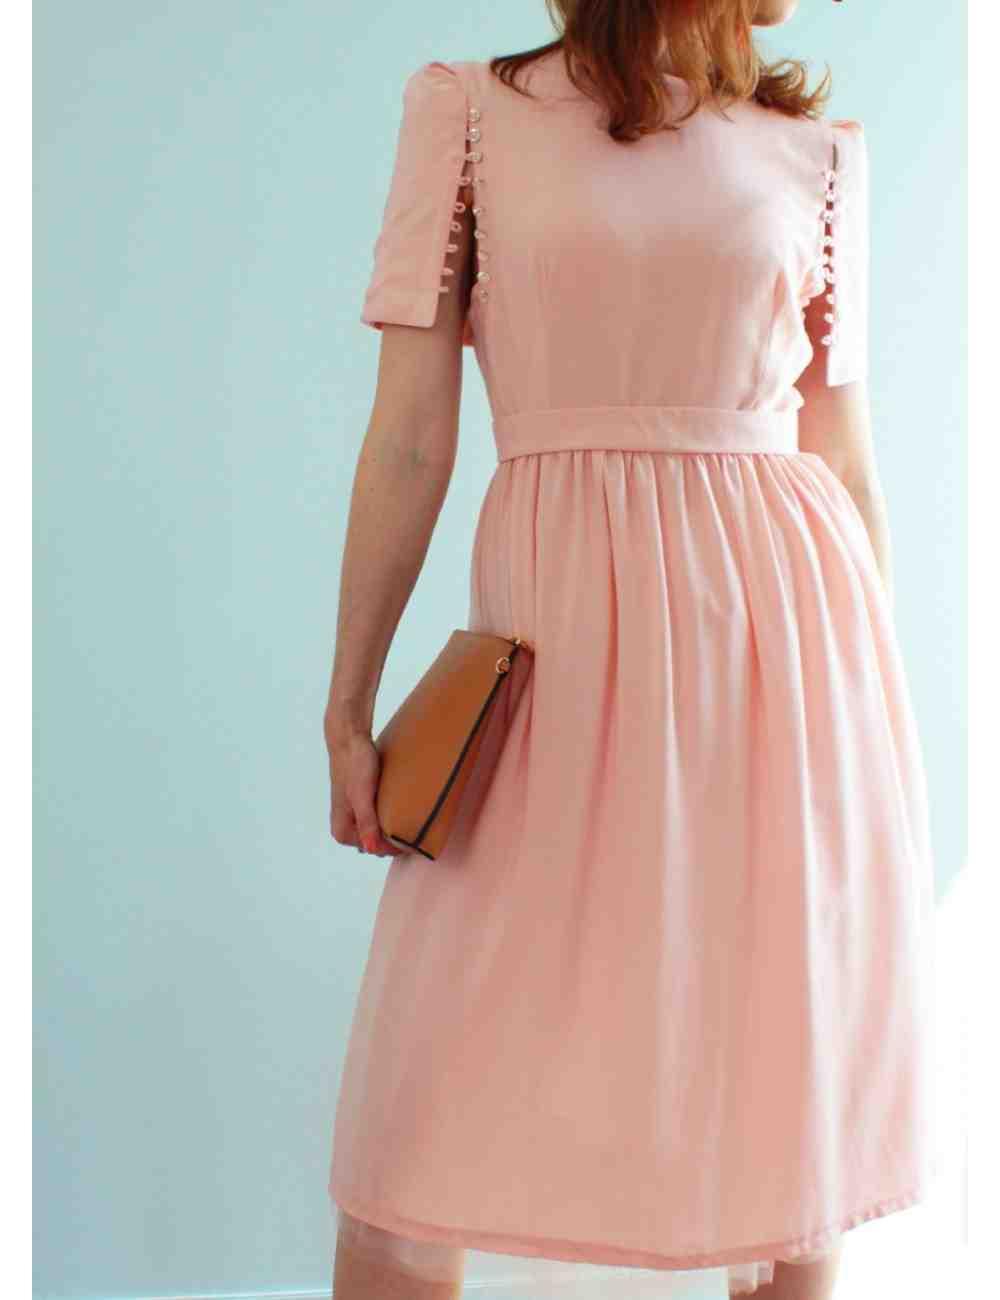 Comment couper le bas de la robe?